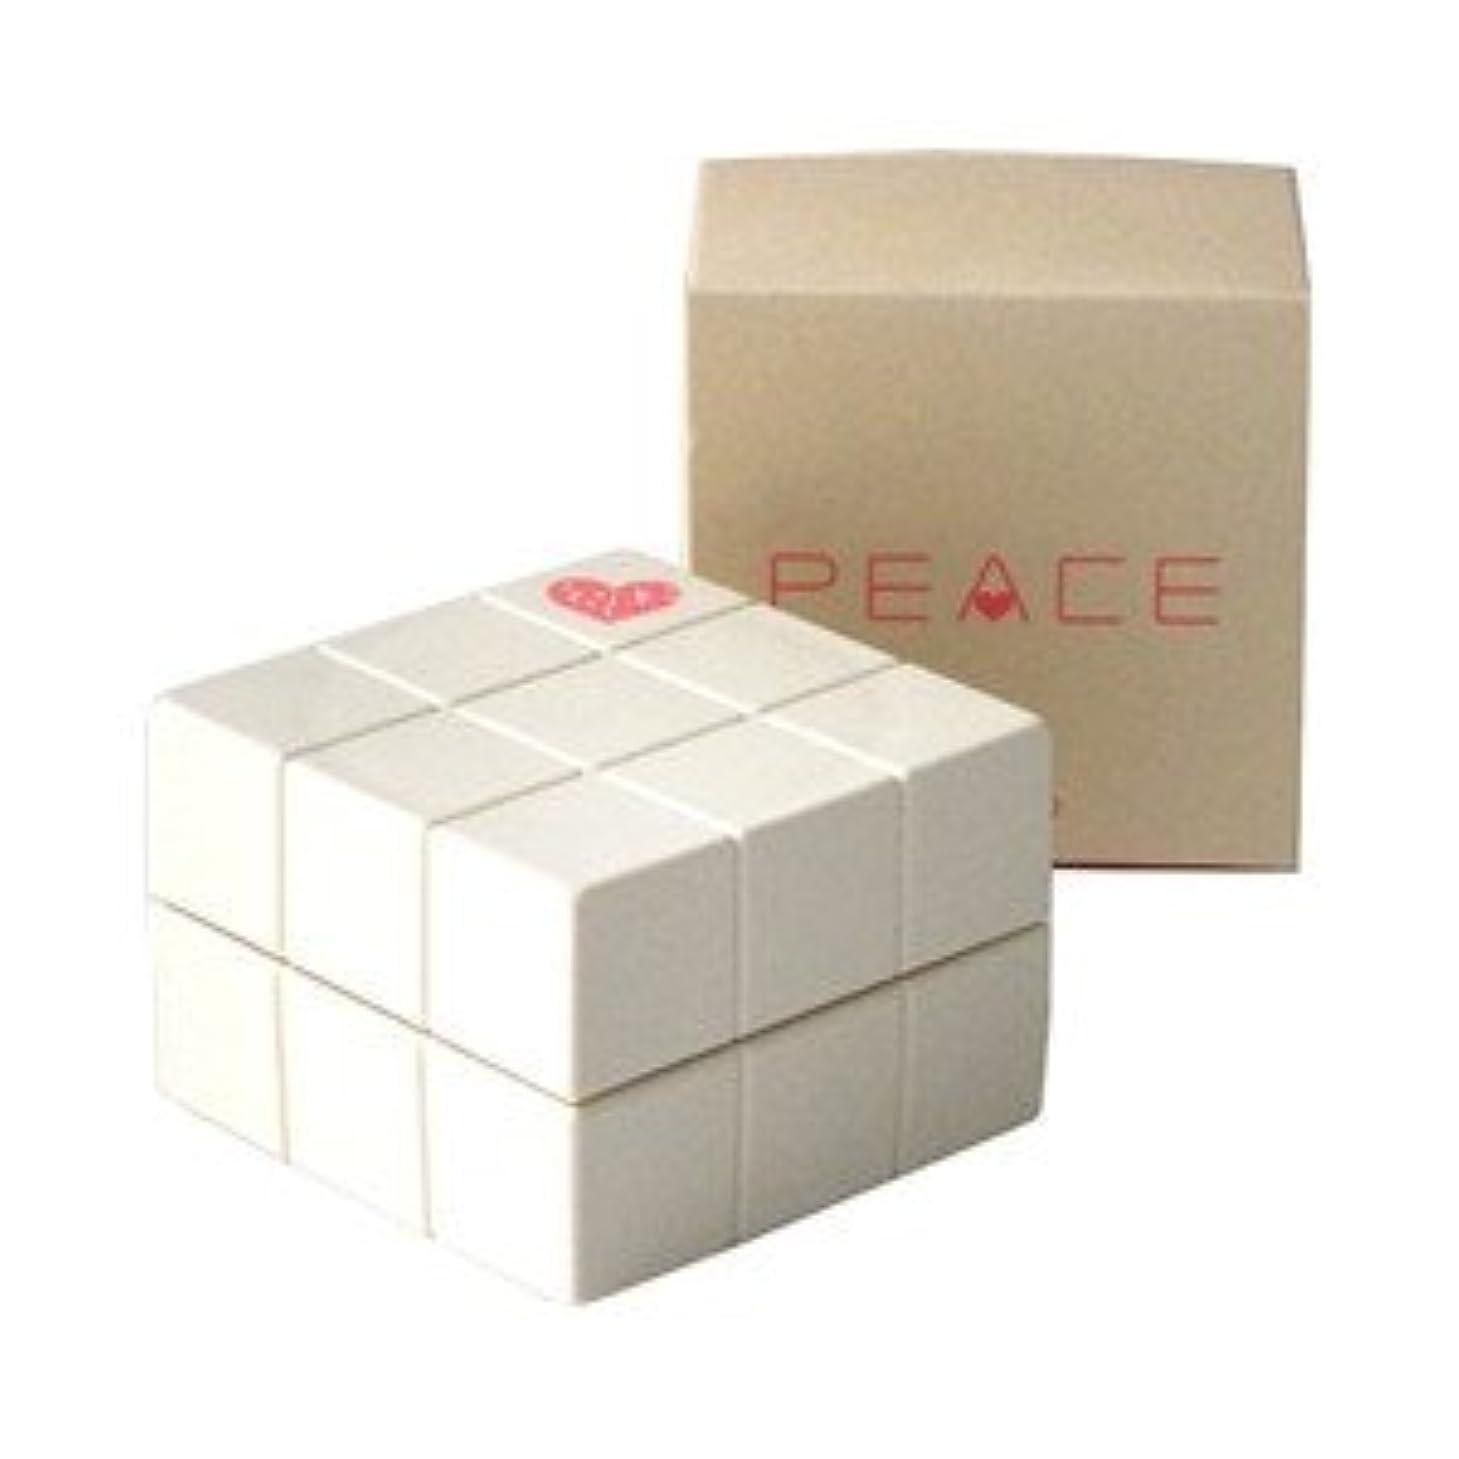 もっともらしい無視する副詞アリミノ ピース プロデザイン ニュアンスワックス<40g> arimino PEACE